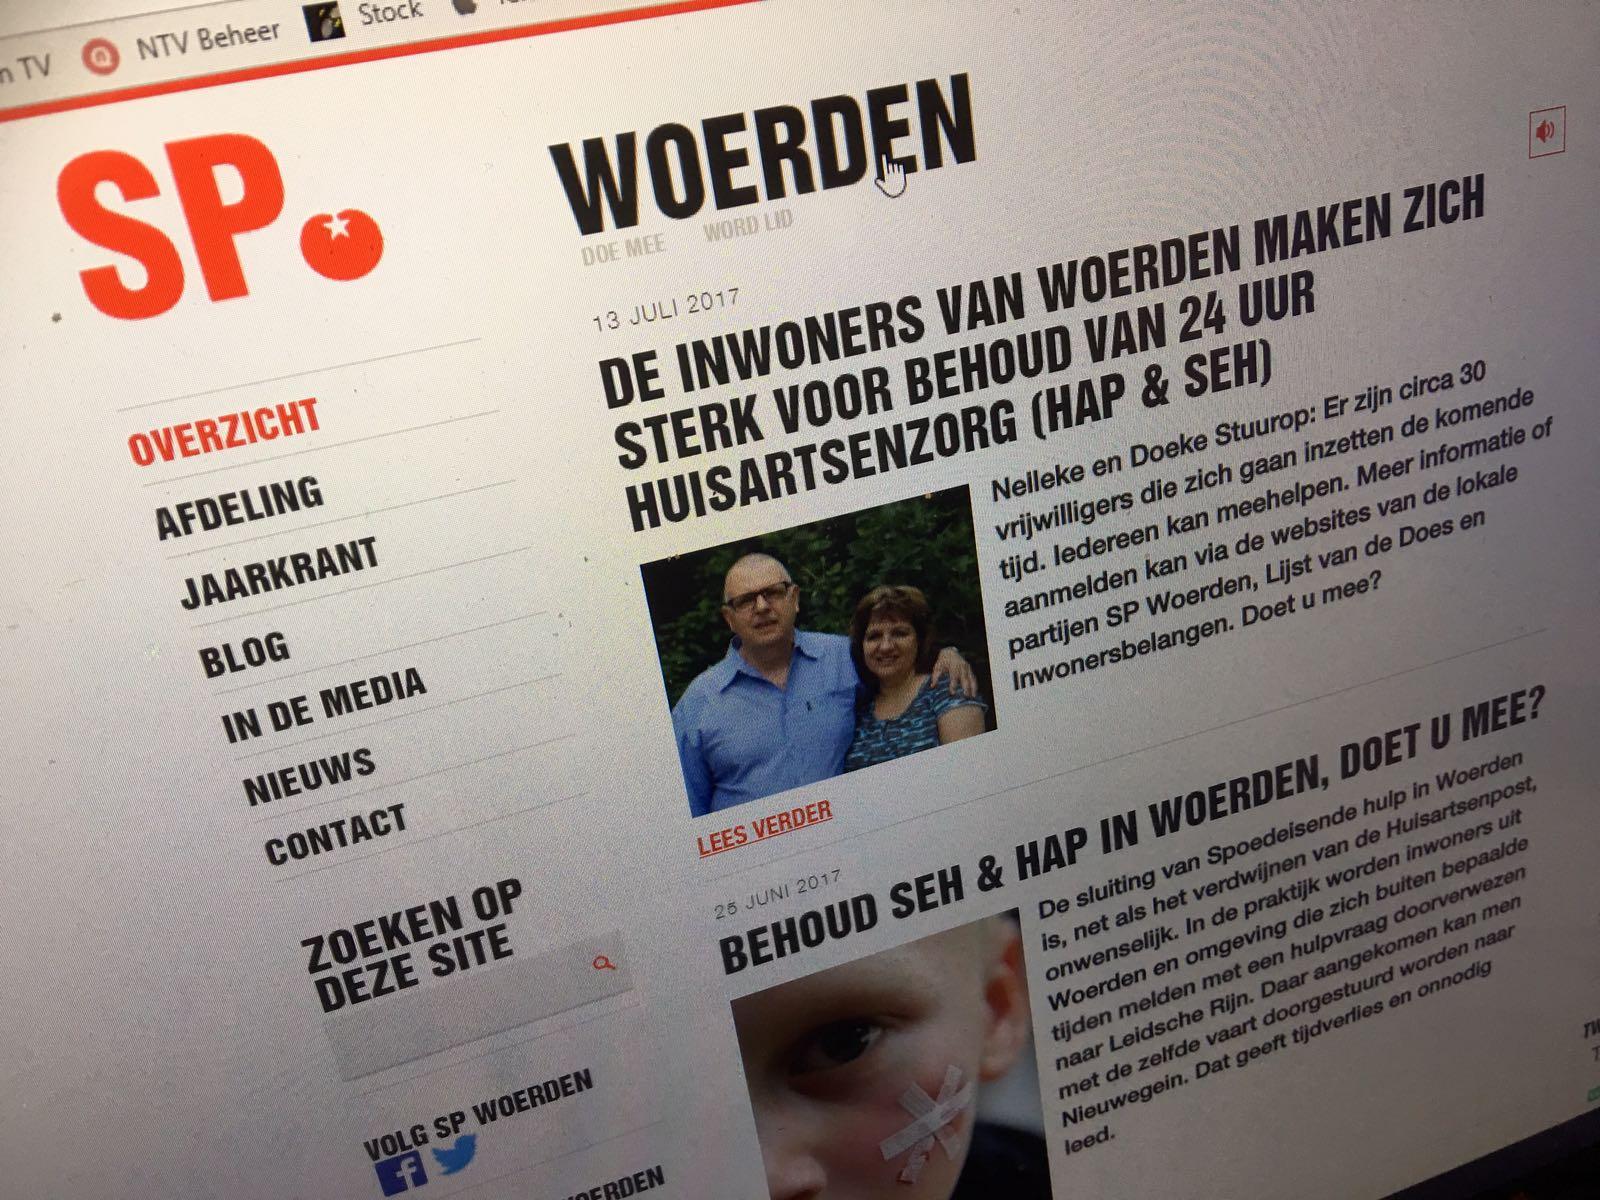 SP Woerden neemt deel aan verkiezingen